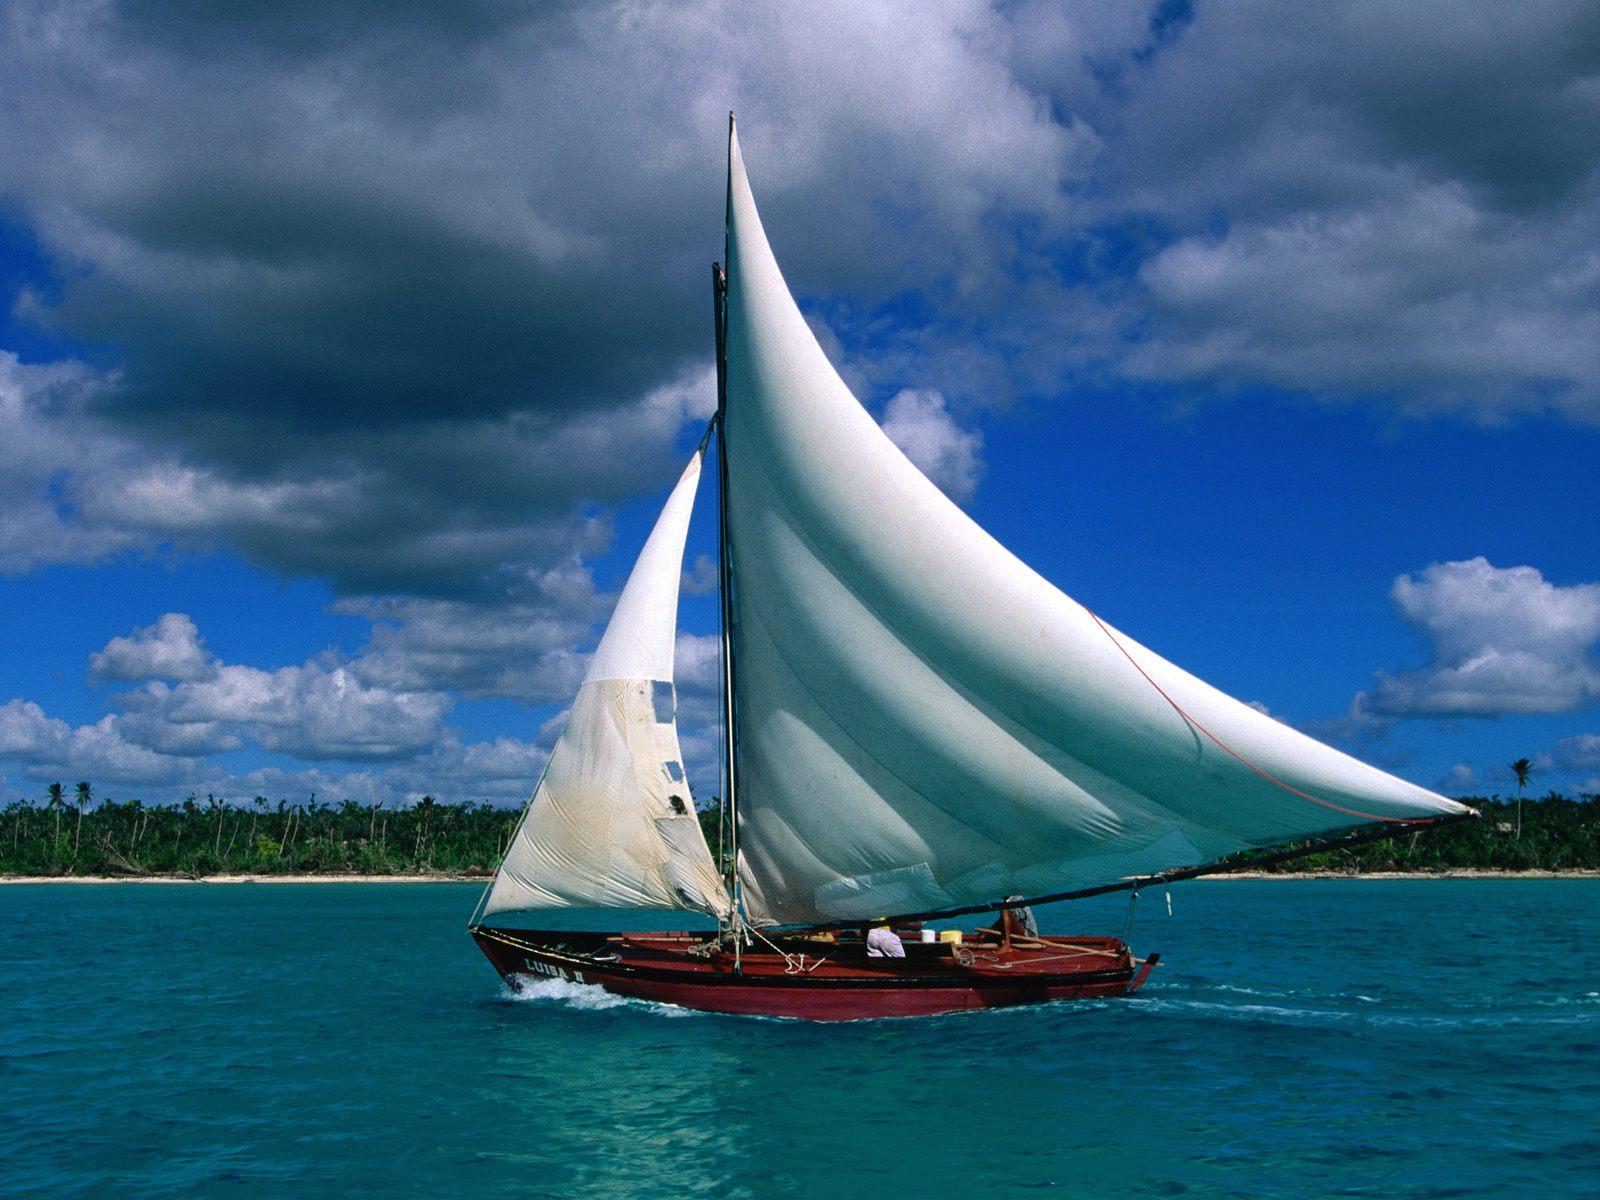 http://3.bp.blogspot.com/-PuT9wRzEY30/TZREJvcgtbI/AAAAAAAAAHU/00Mv7aDF4fQ/s1600/fishing_sailboat__bayahibe__la_romana__dominican_republic.jpg